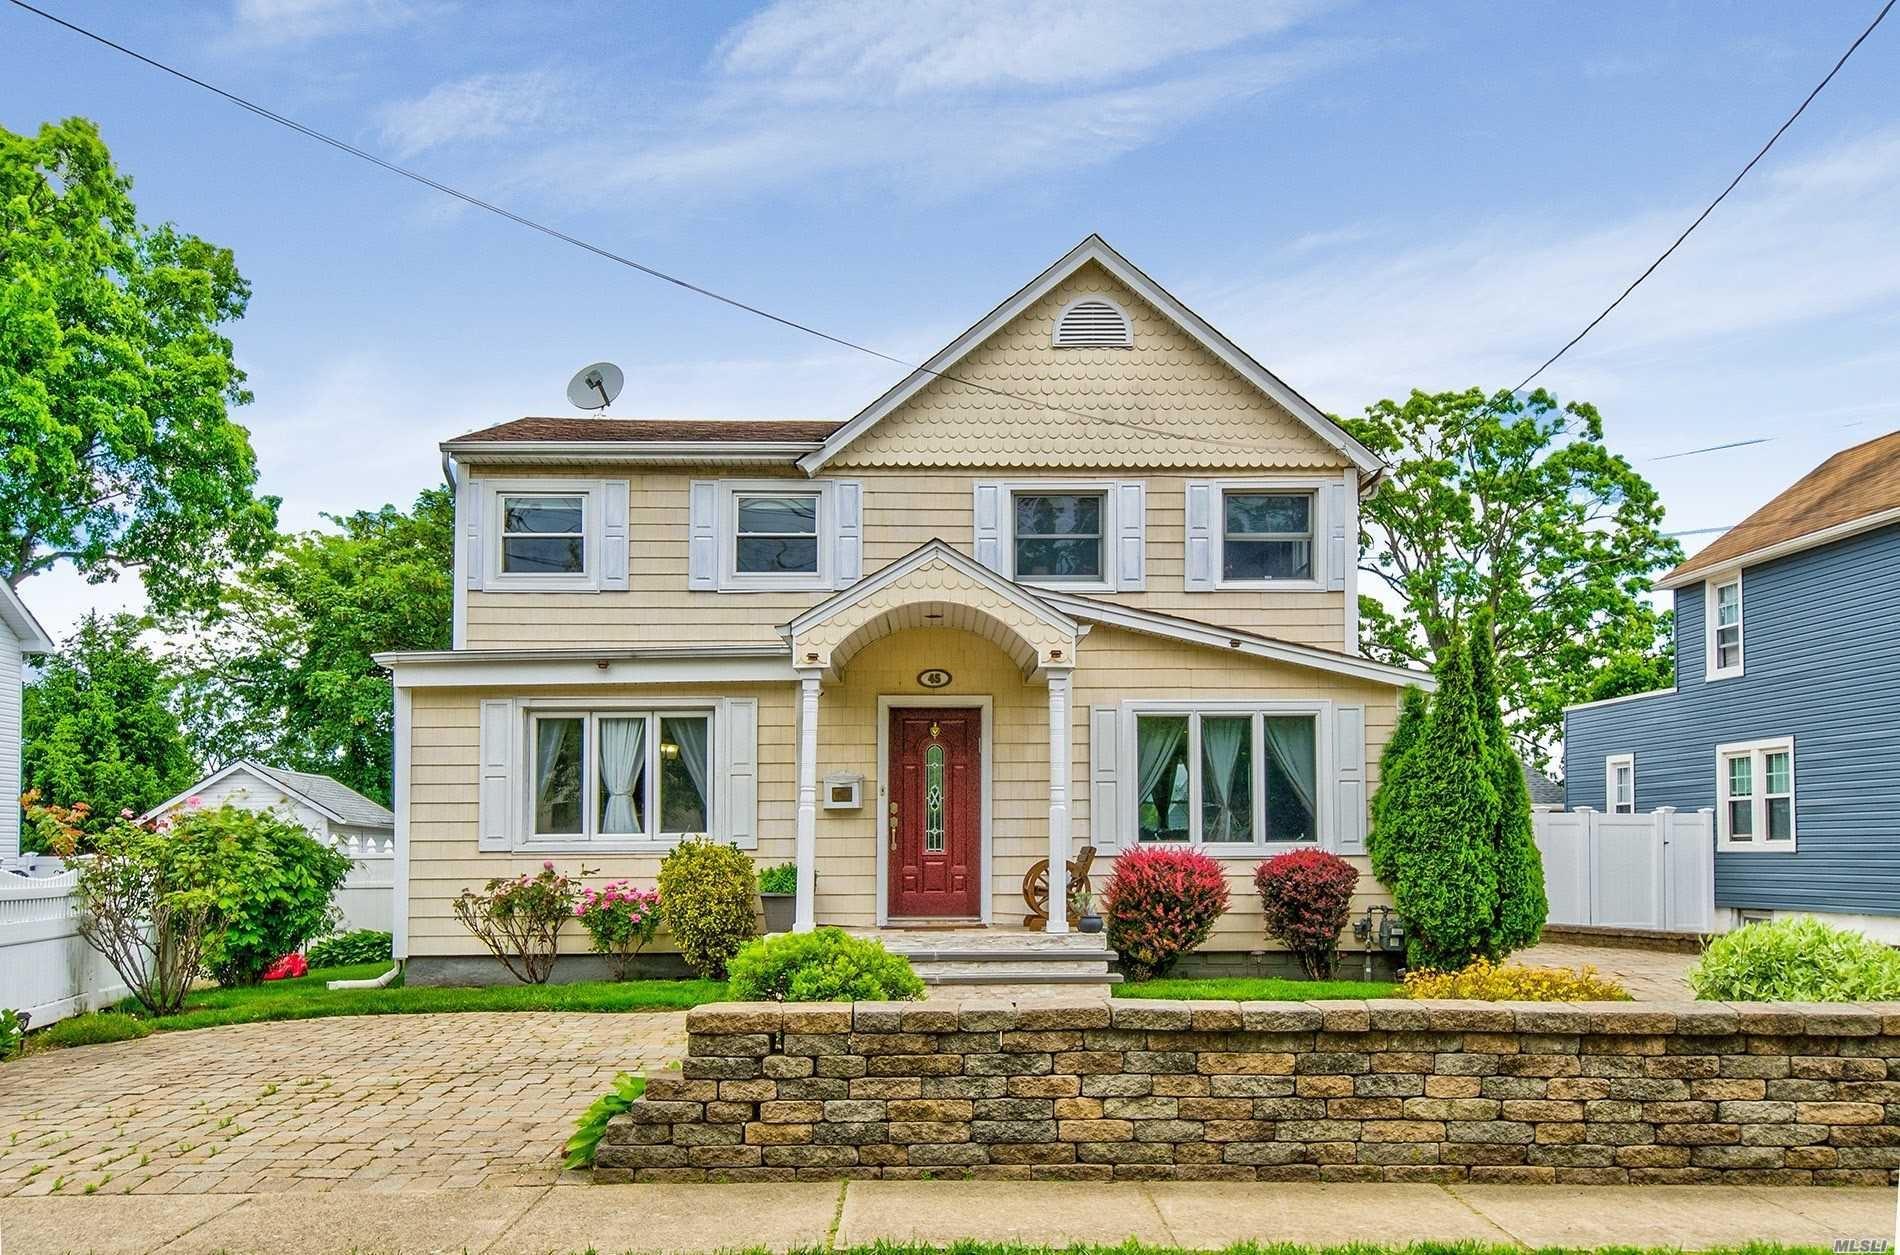 45 Prospect Ave, Lynbrook, NY 11563 - MLS#: 3219141